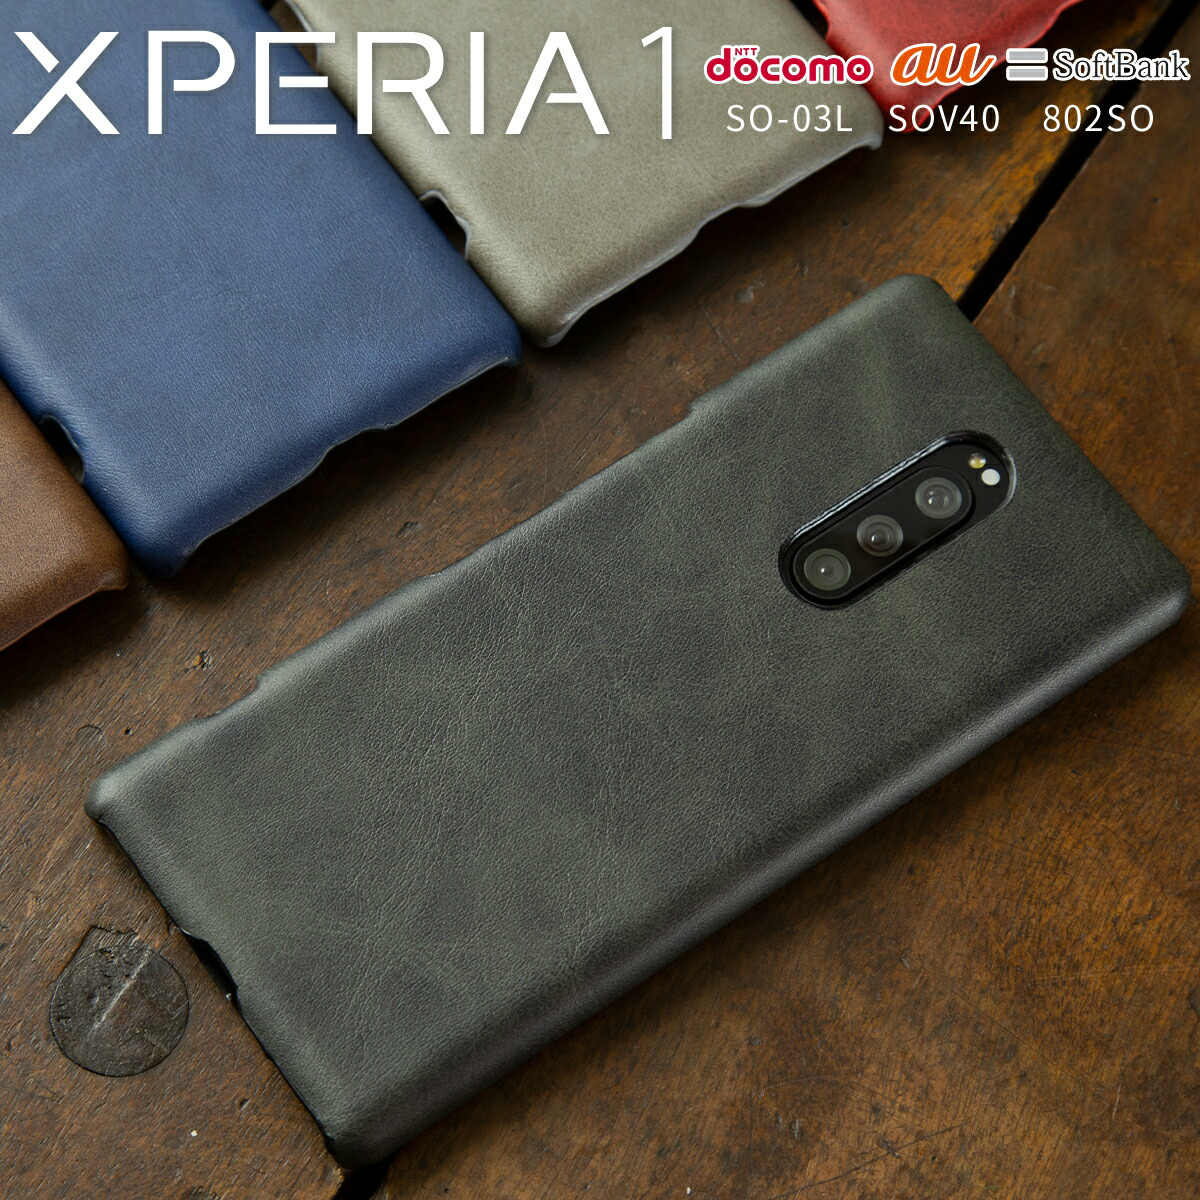 メール便送料無料 レザーハードケース Xperia 1 Xperia1 スマホケース 韓国 驚きの値段で SO-03L SOV40 802SO スマホ ケース カバー エクスペリア かっこいい アンドロイド ソニー 携帯 革 ハードケース シンプル 5%OFF おしゃれ Sony エクスペリアワン レザー Android 人気 送料無料